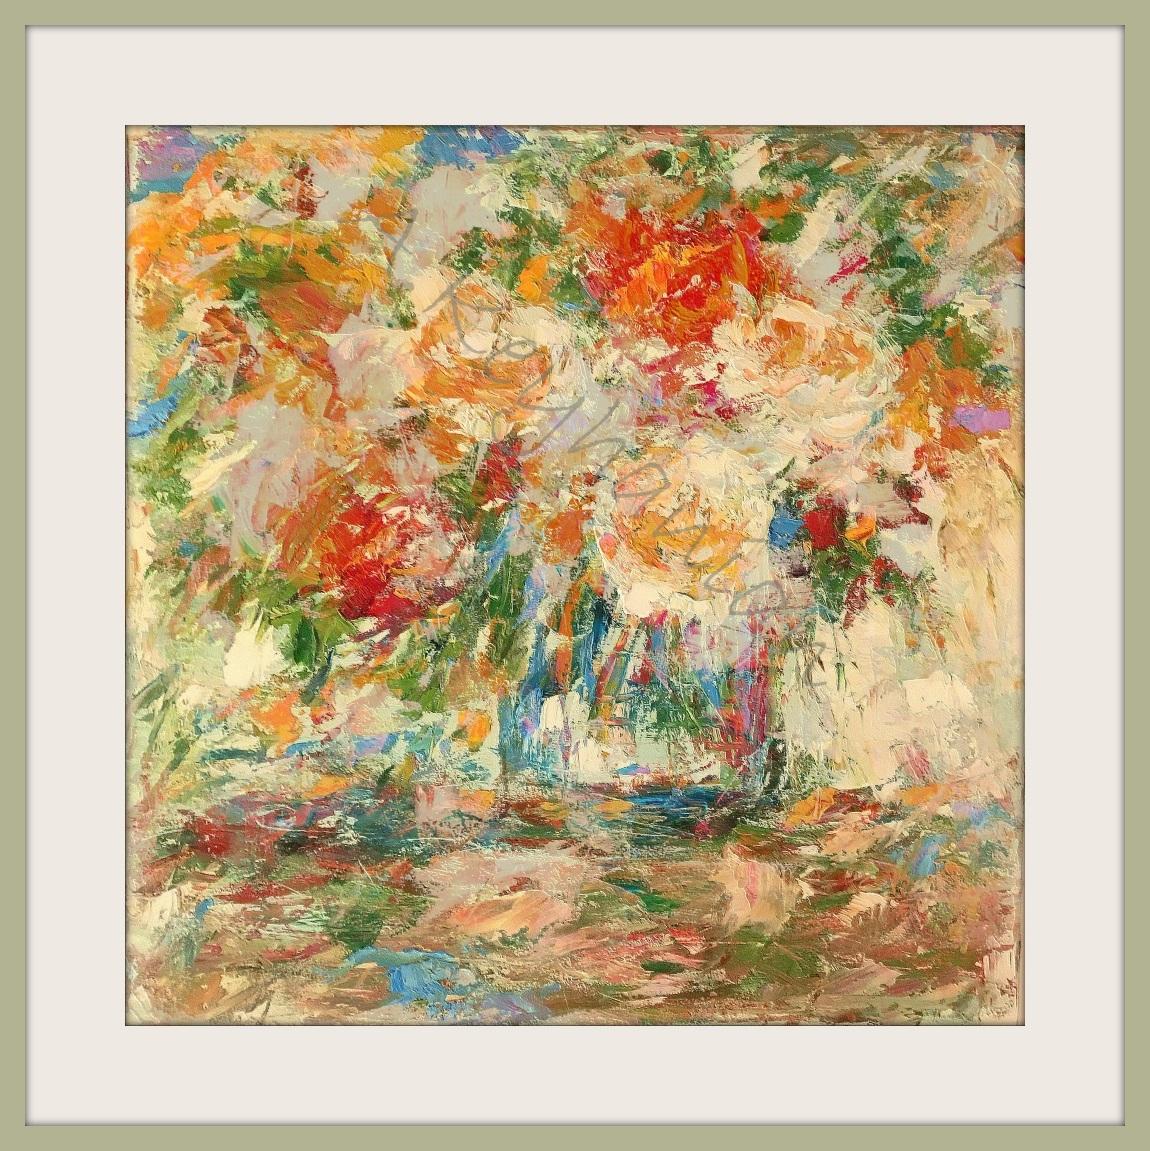 Blumen Stilleben Öl auf Pape Druck auf Lithopapier, 80 x 80 cm